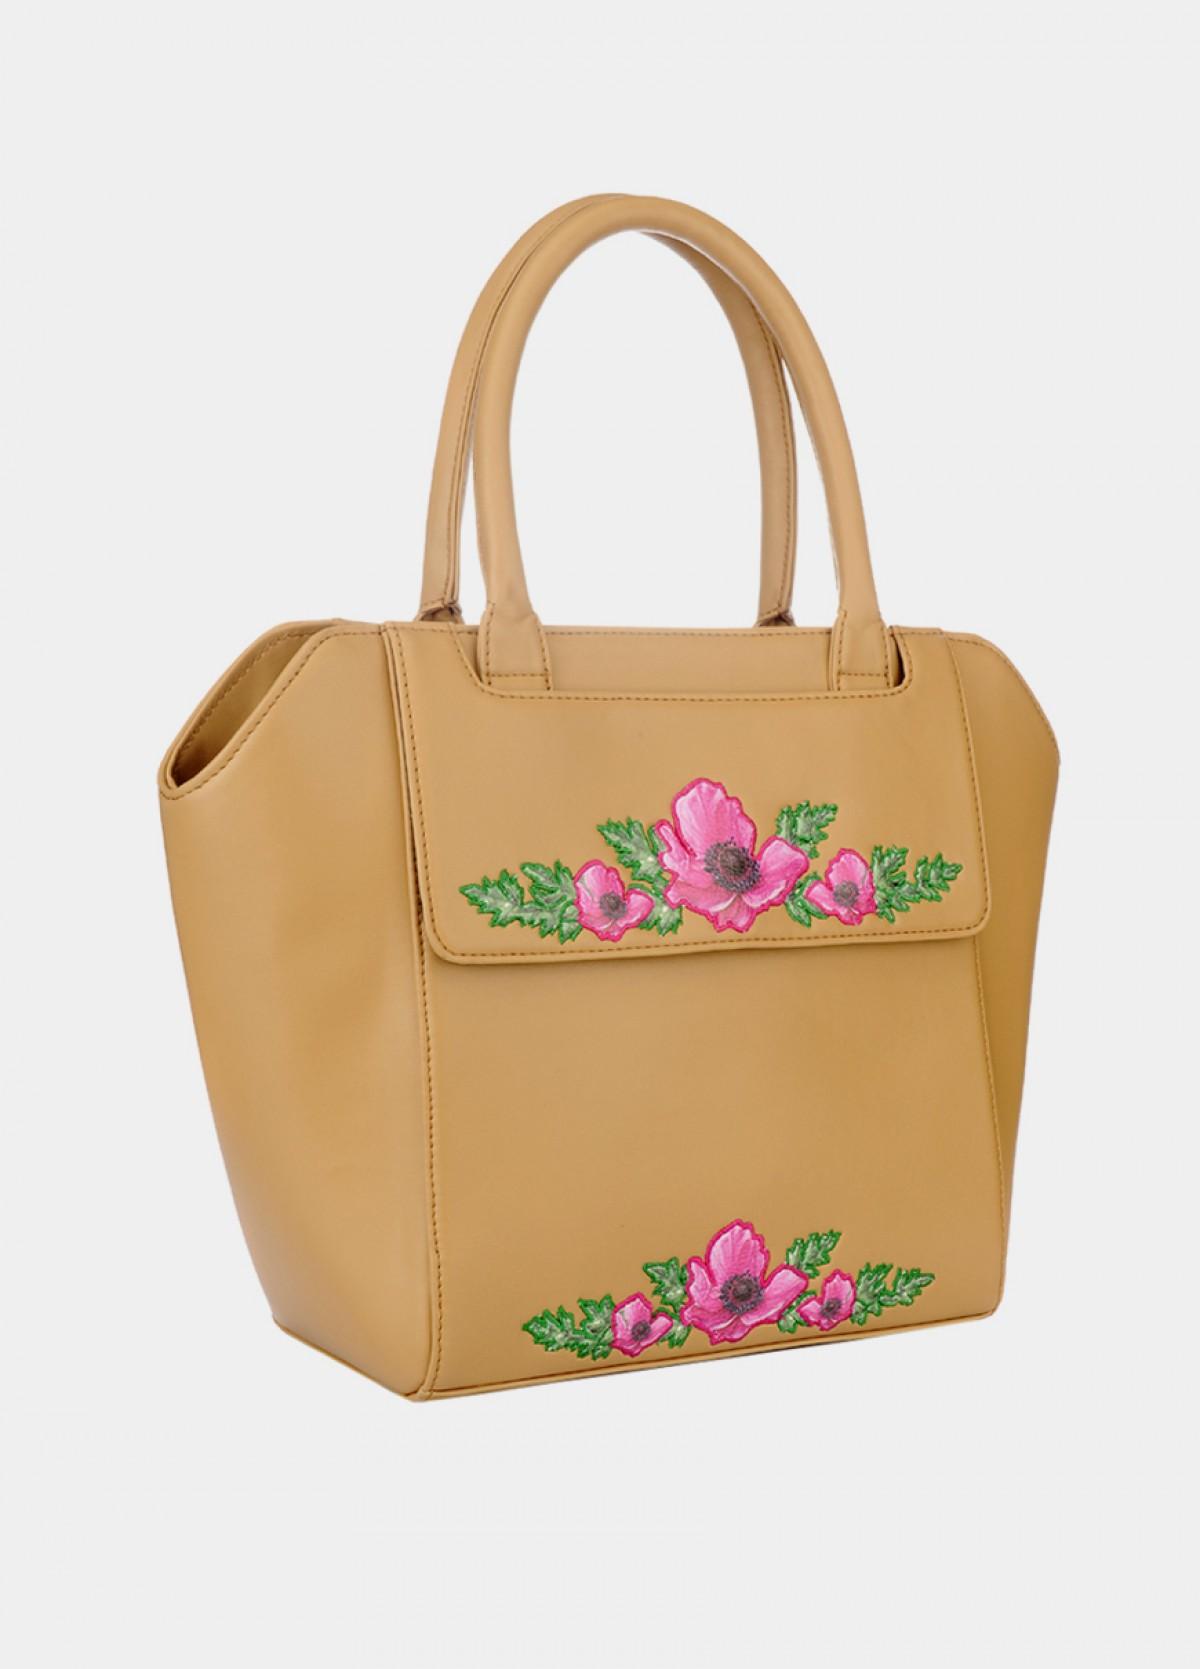 The Embroidered Shoulder Bag